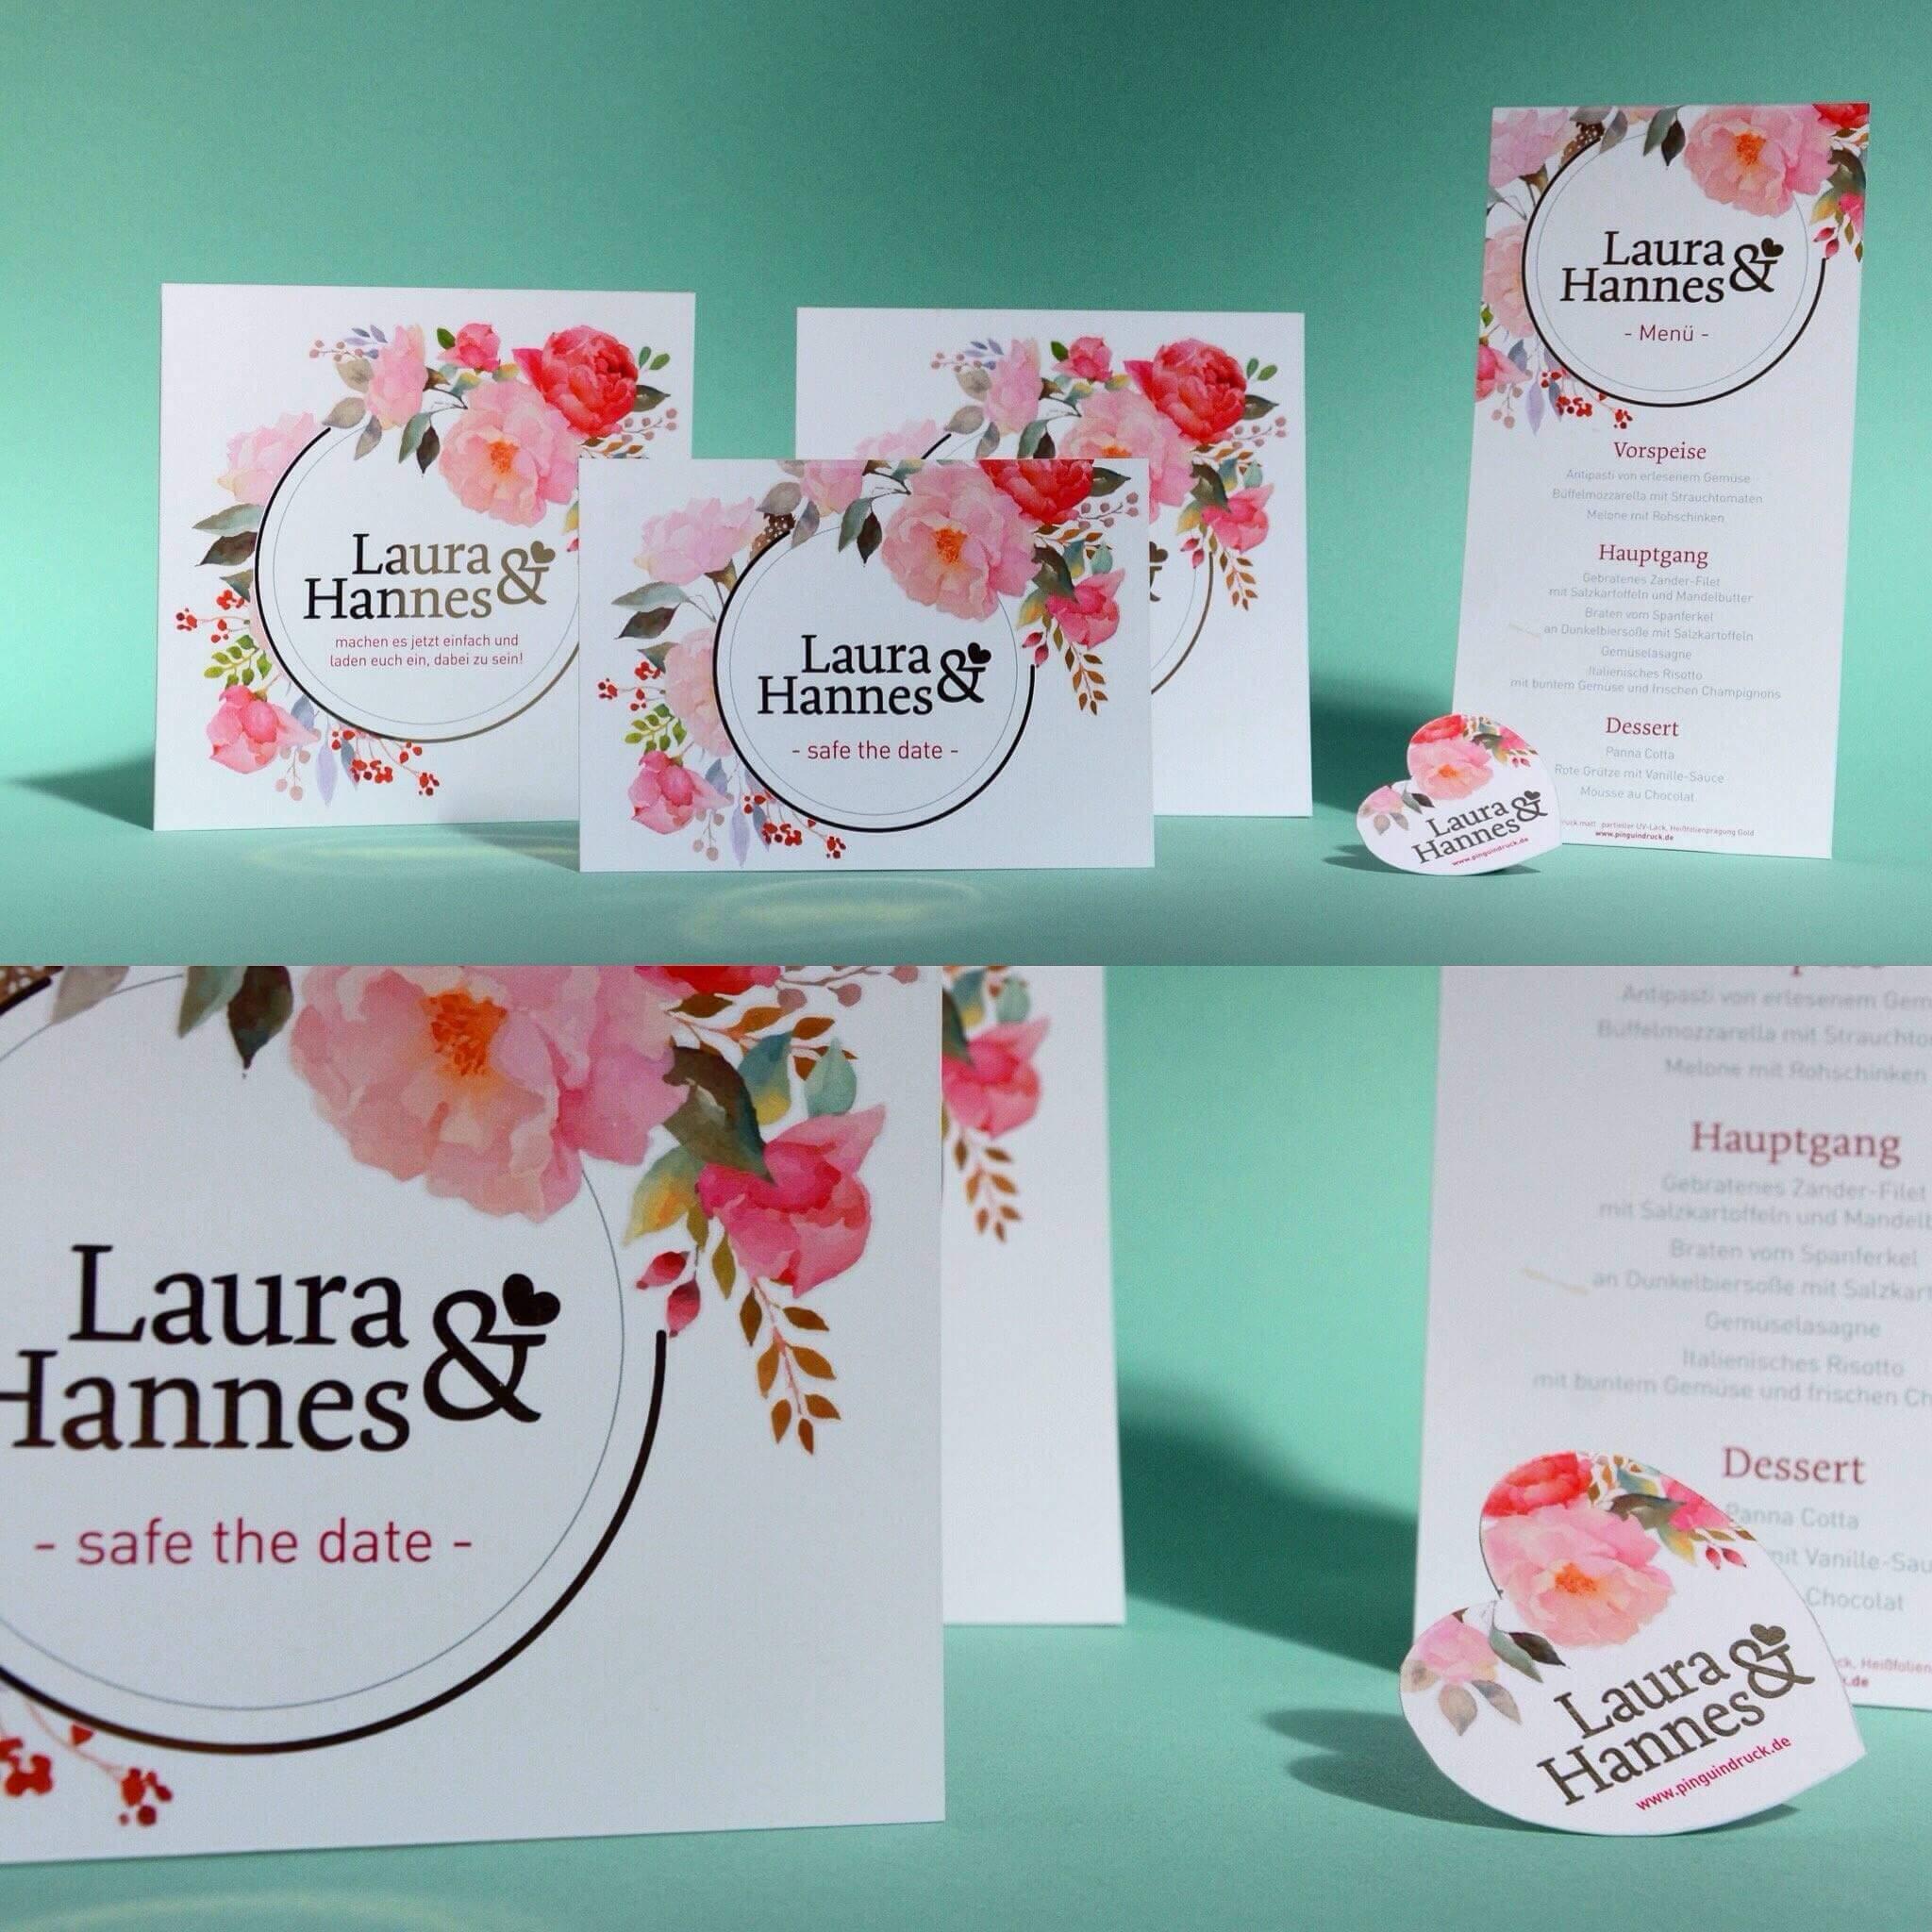 Druckprodukte für die Hochzeitsfeier